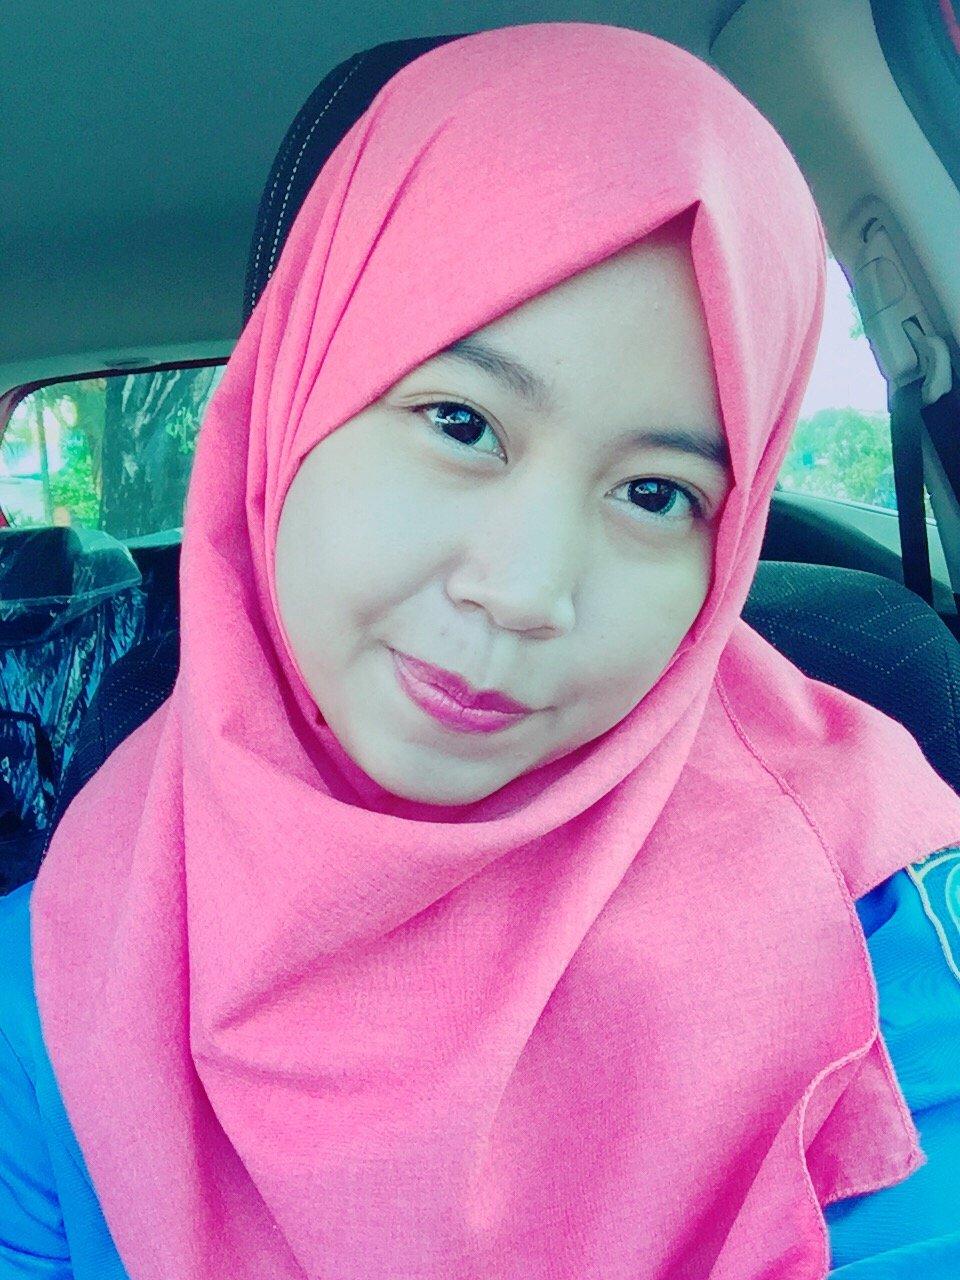 Nurhalimah Amiruddin